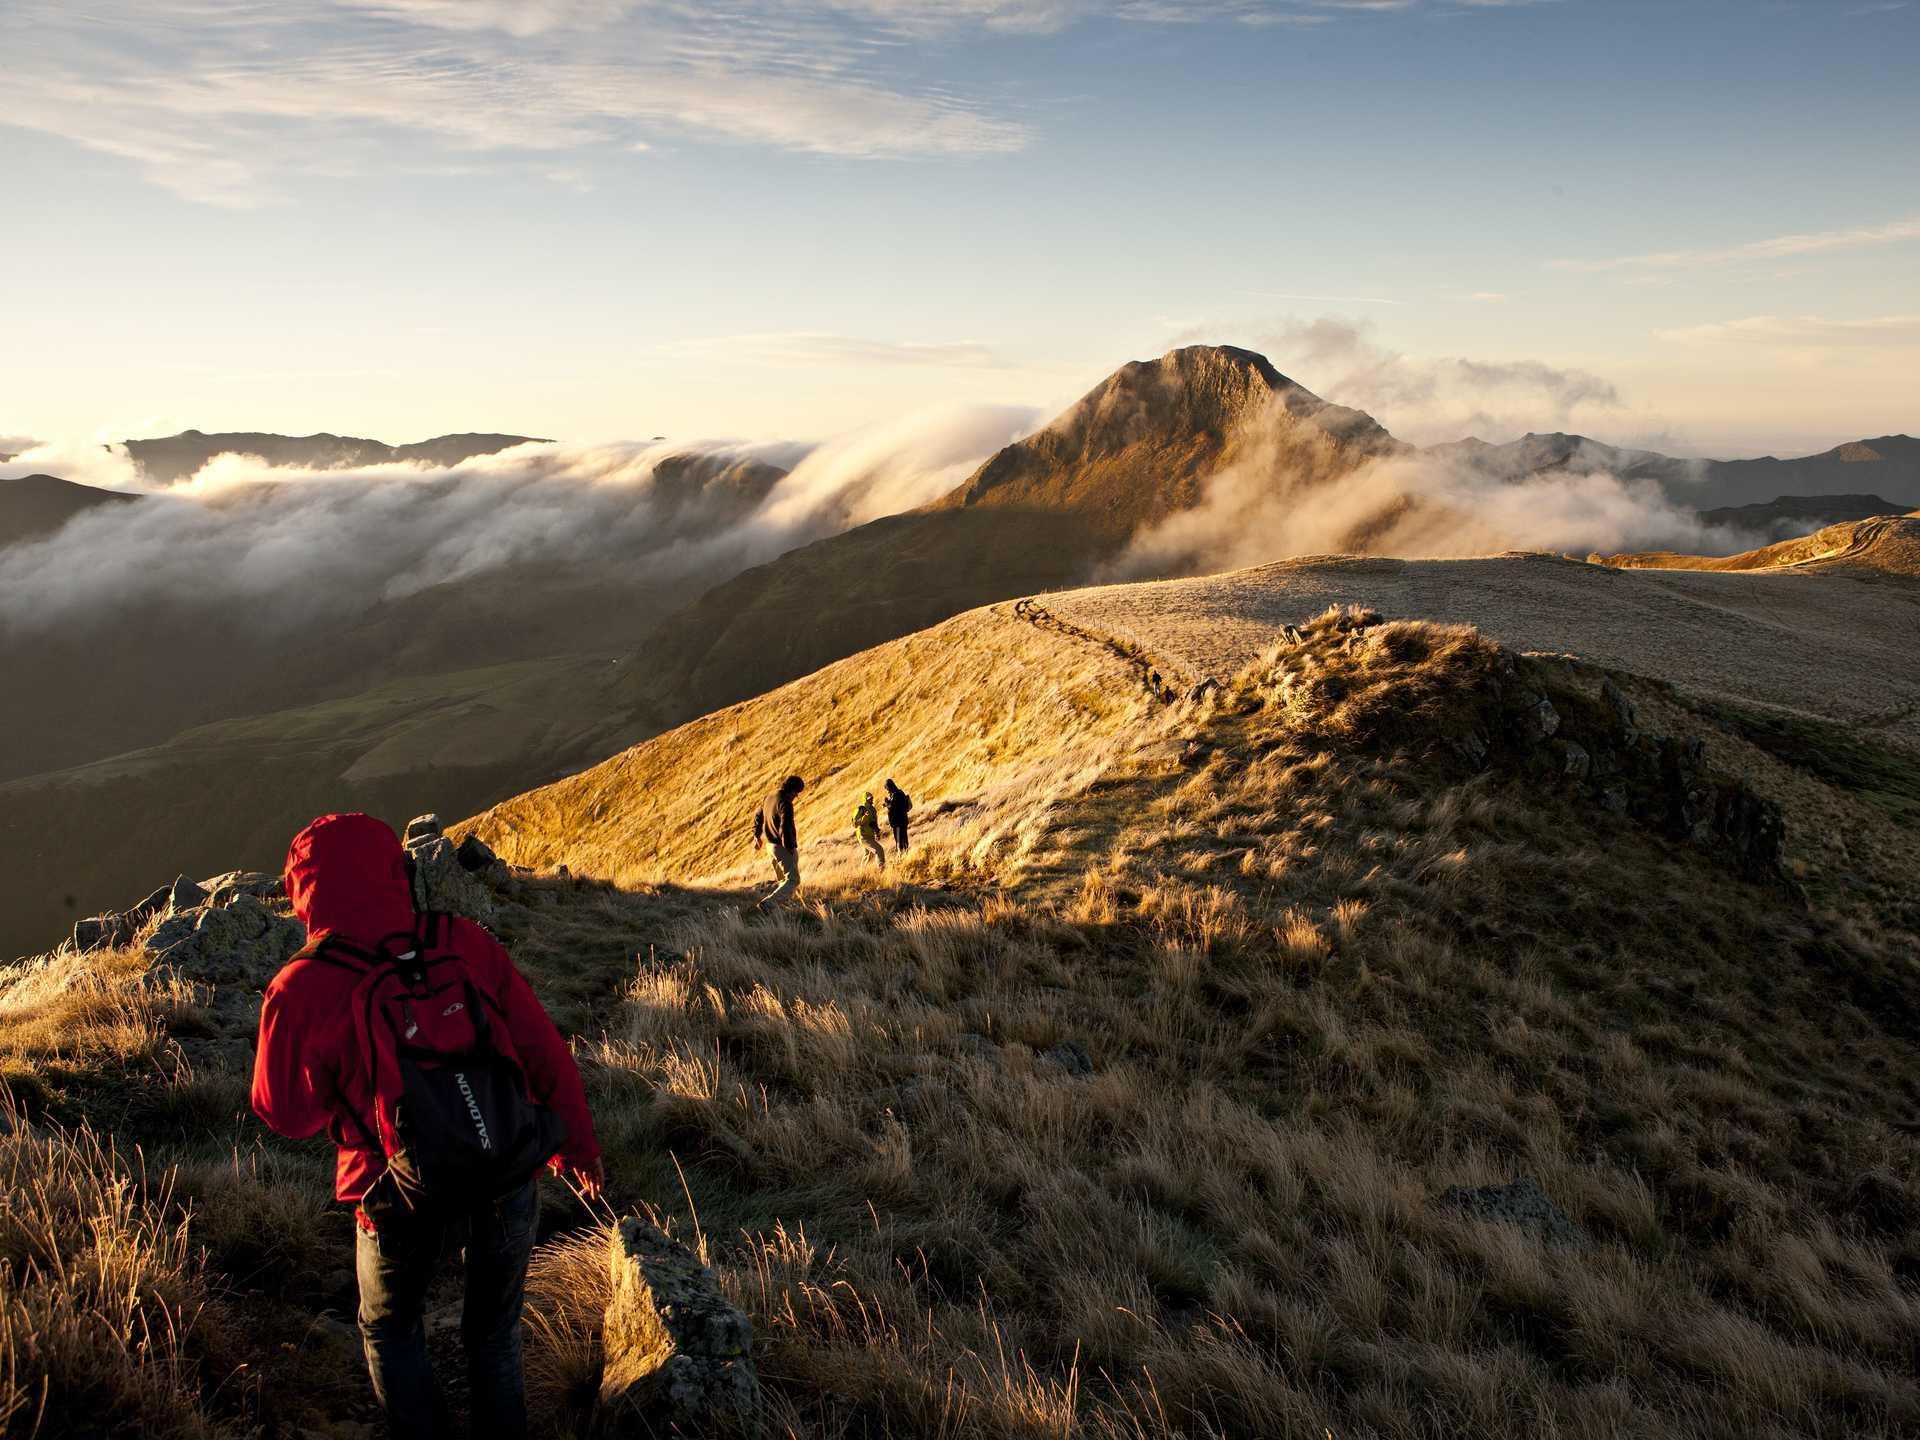 randonnée, Massif Central, Auvergne, lacs et volcans